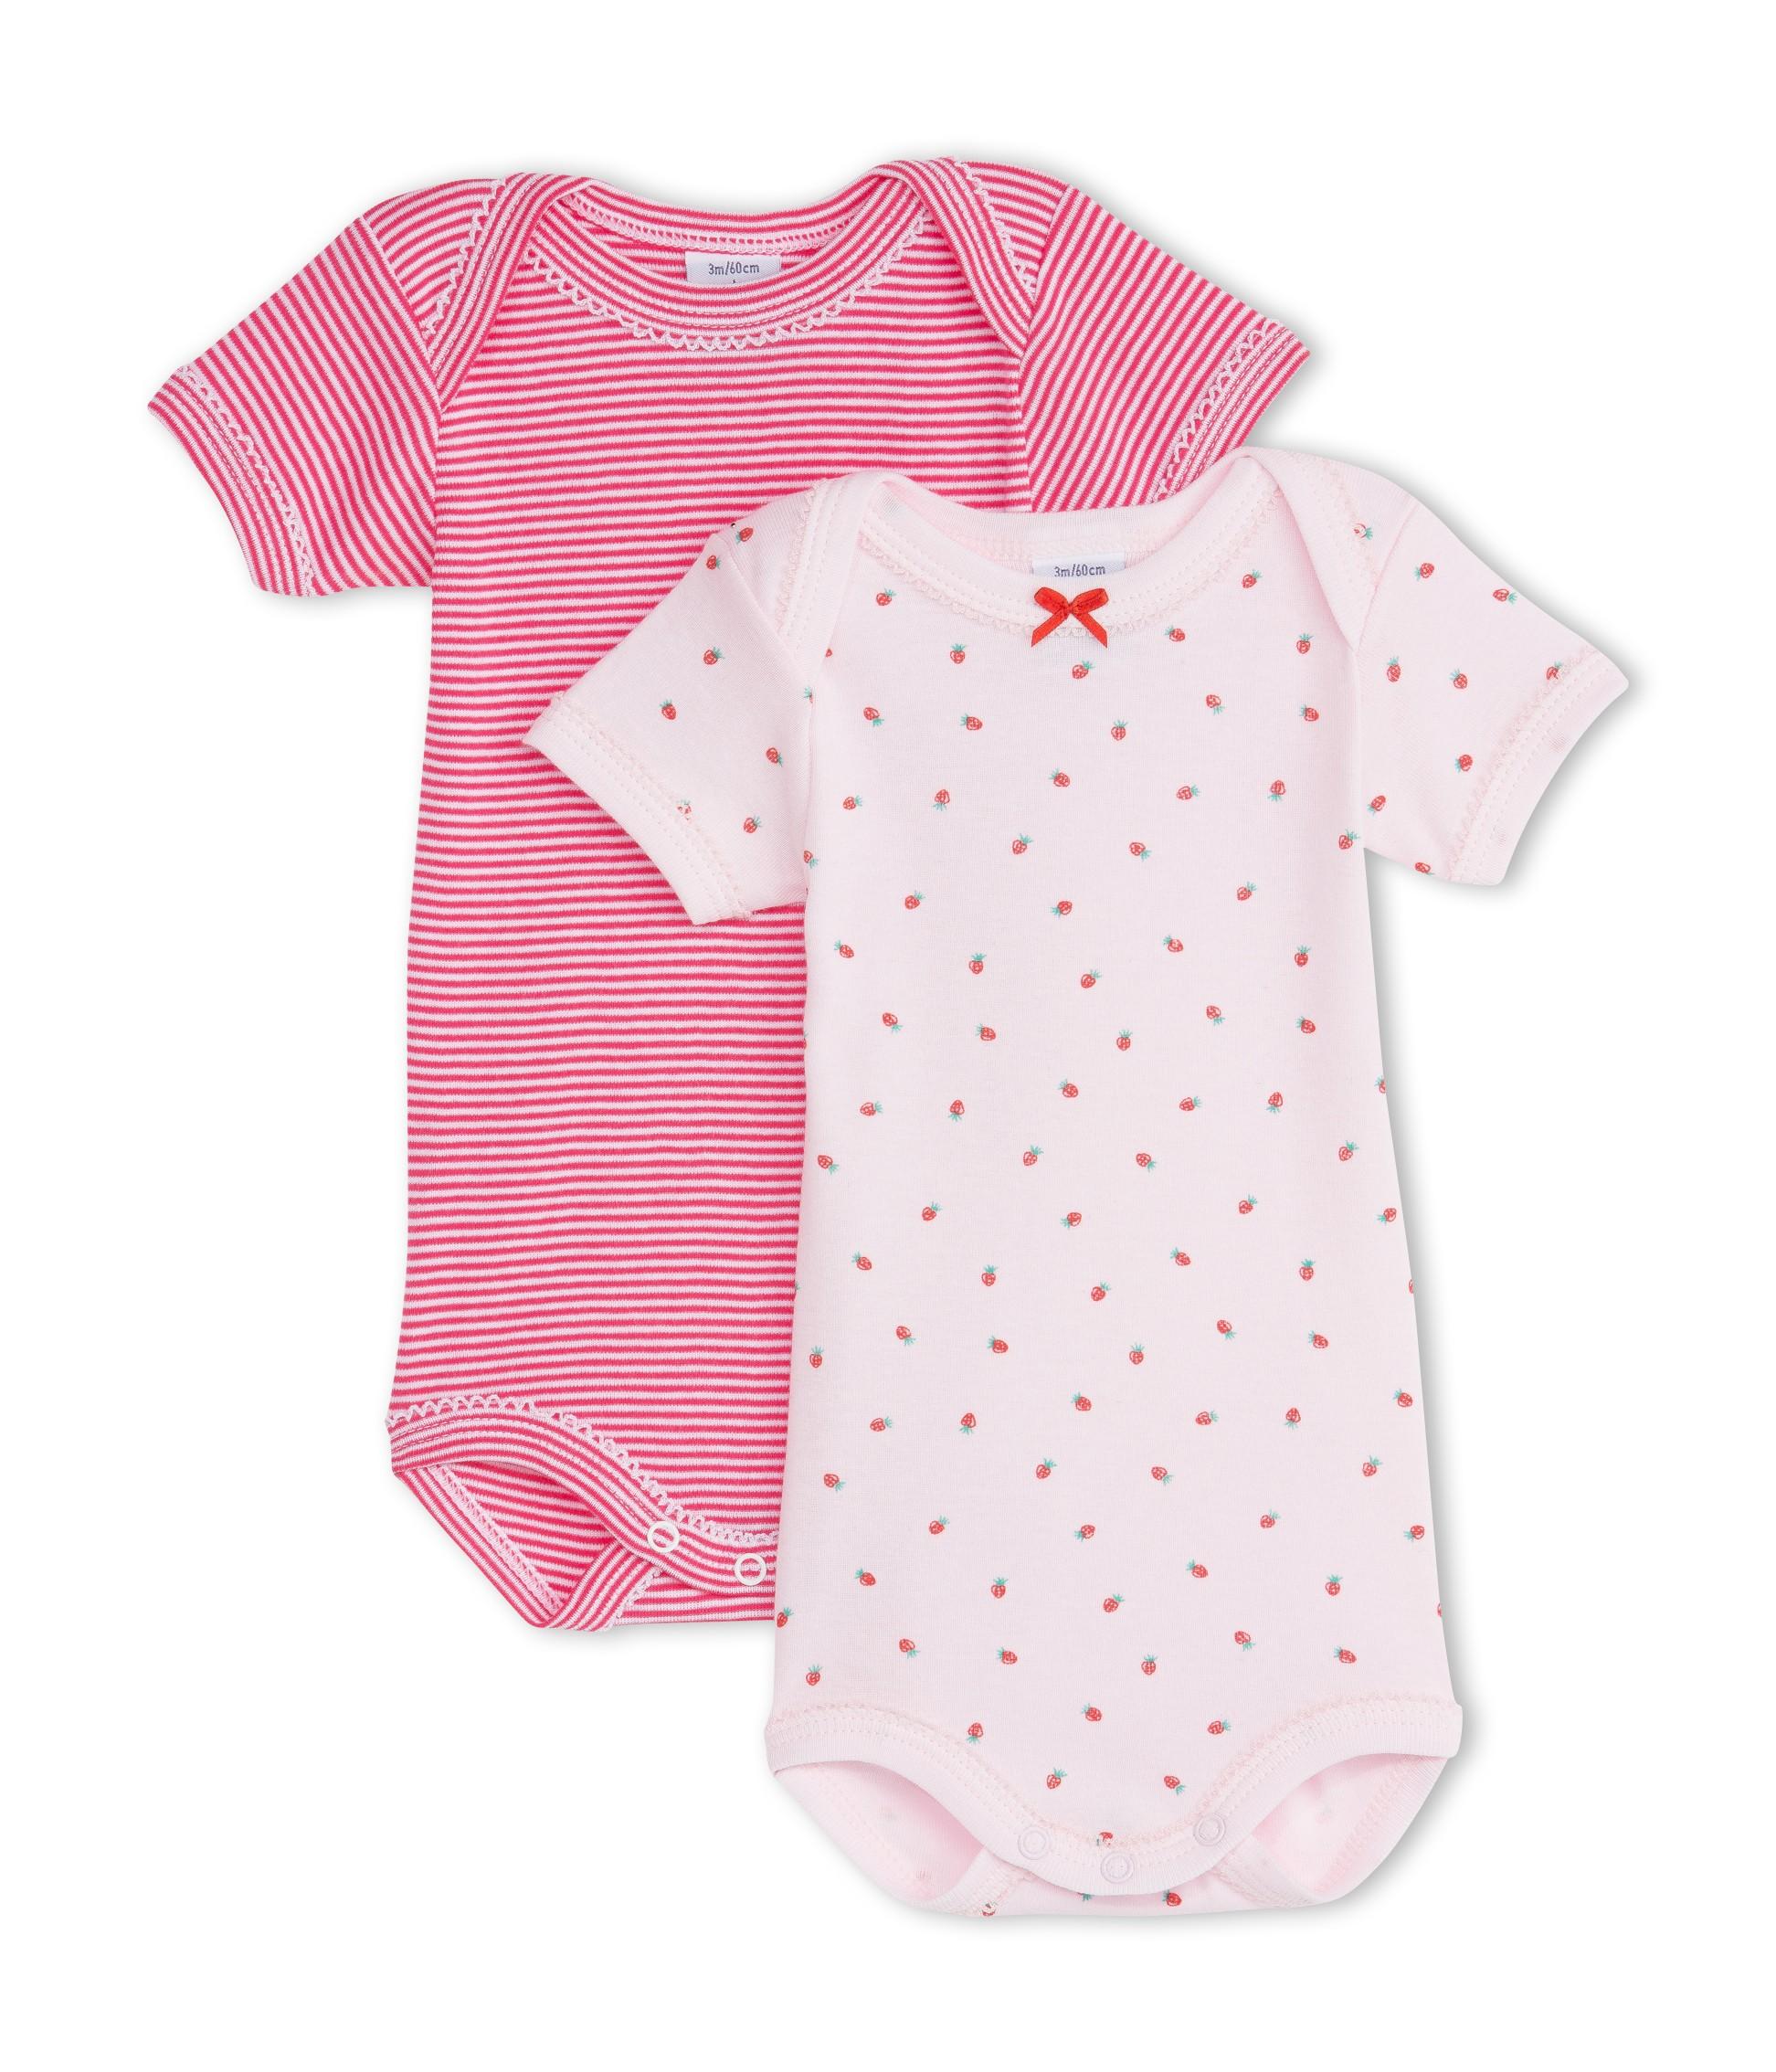 2ab9a8ea9a3 PETIT BATEAU Lot de 2 bodies à manches courtes bébé fille rose